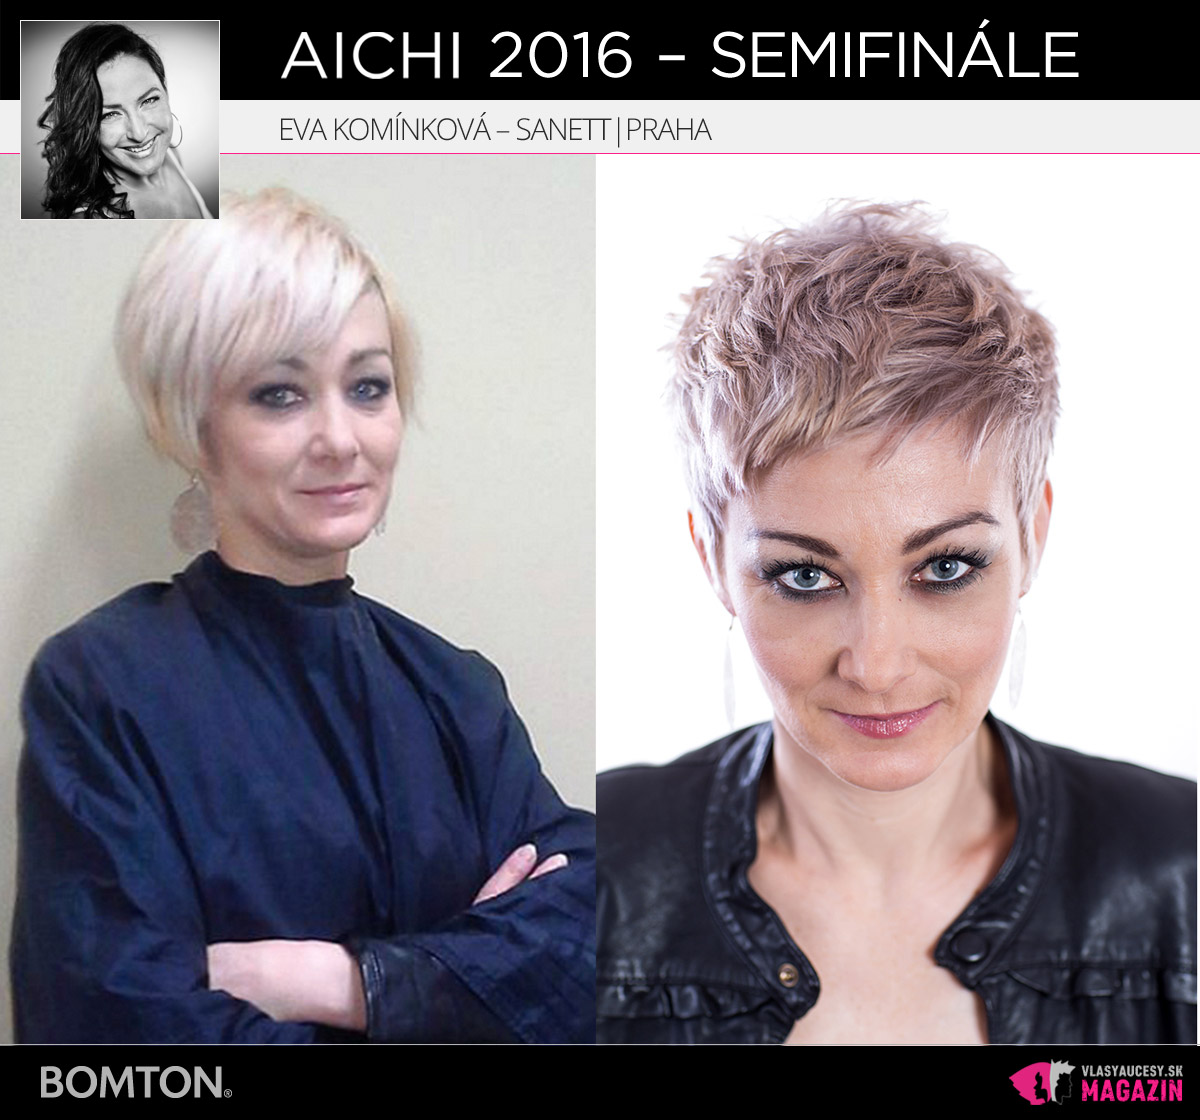 Eva Komínková – Sanett, Praha | Premeny AICHI 2016 – postupujúci do semifinálového kola